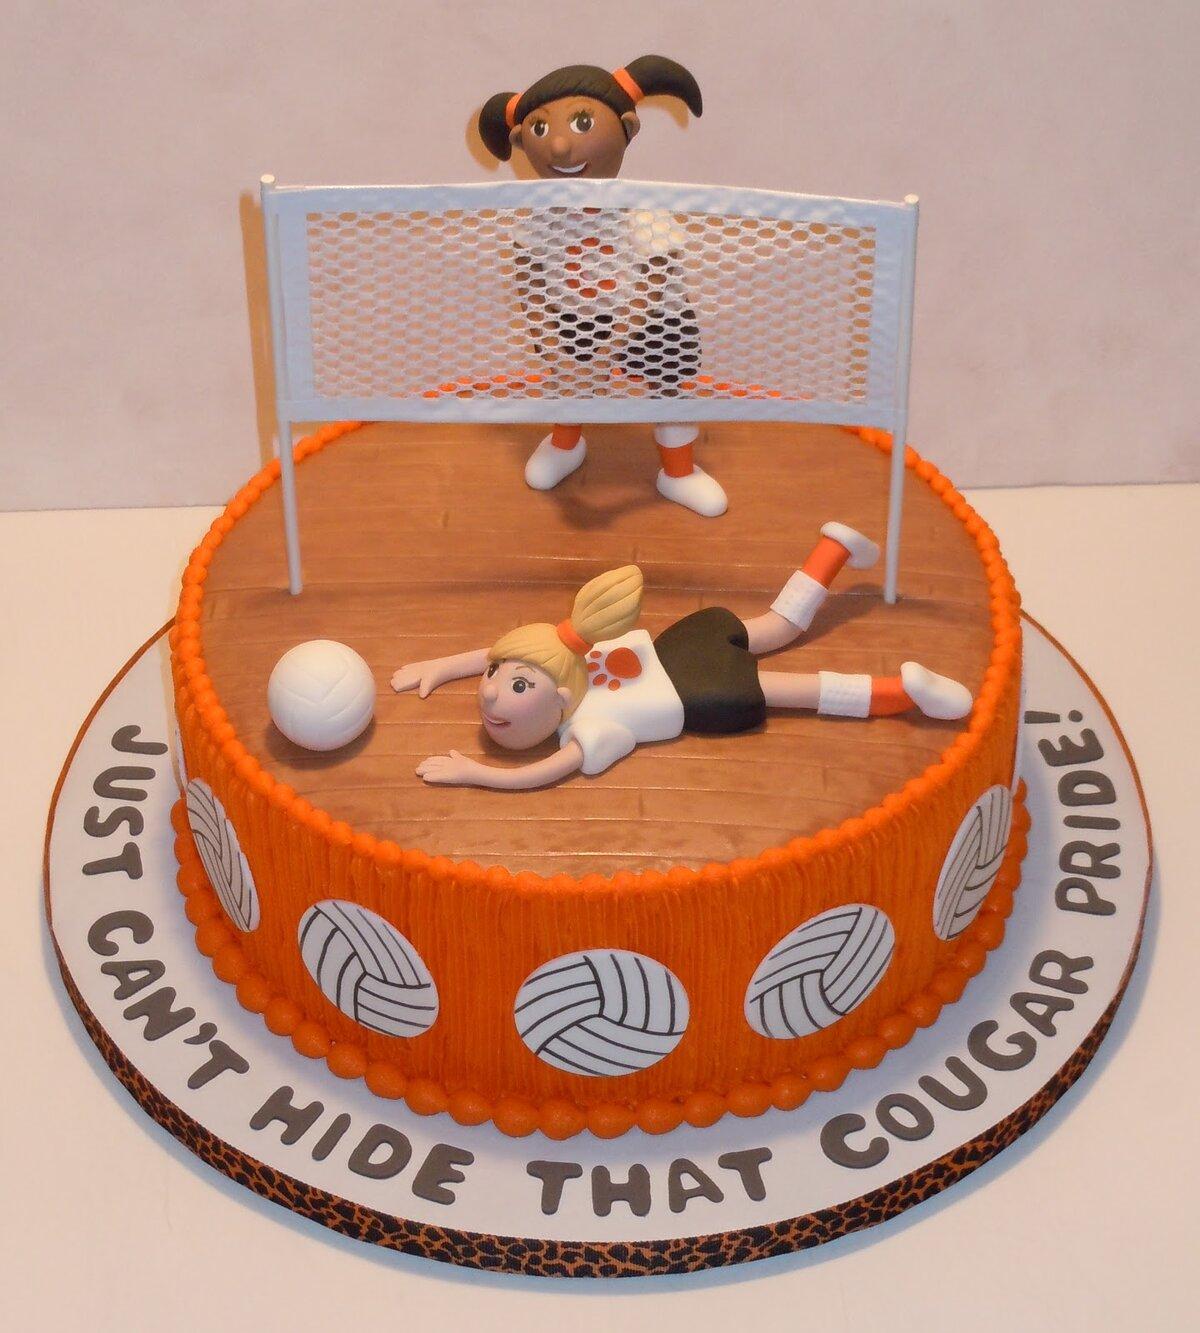 Агни, открытка с днем рождения спортсмена волейболиста